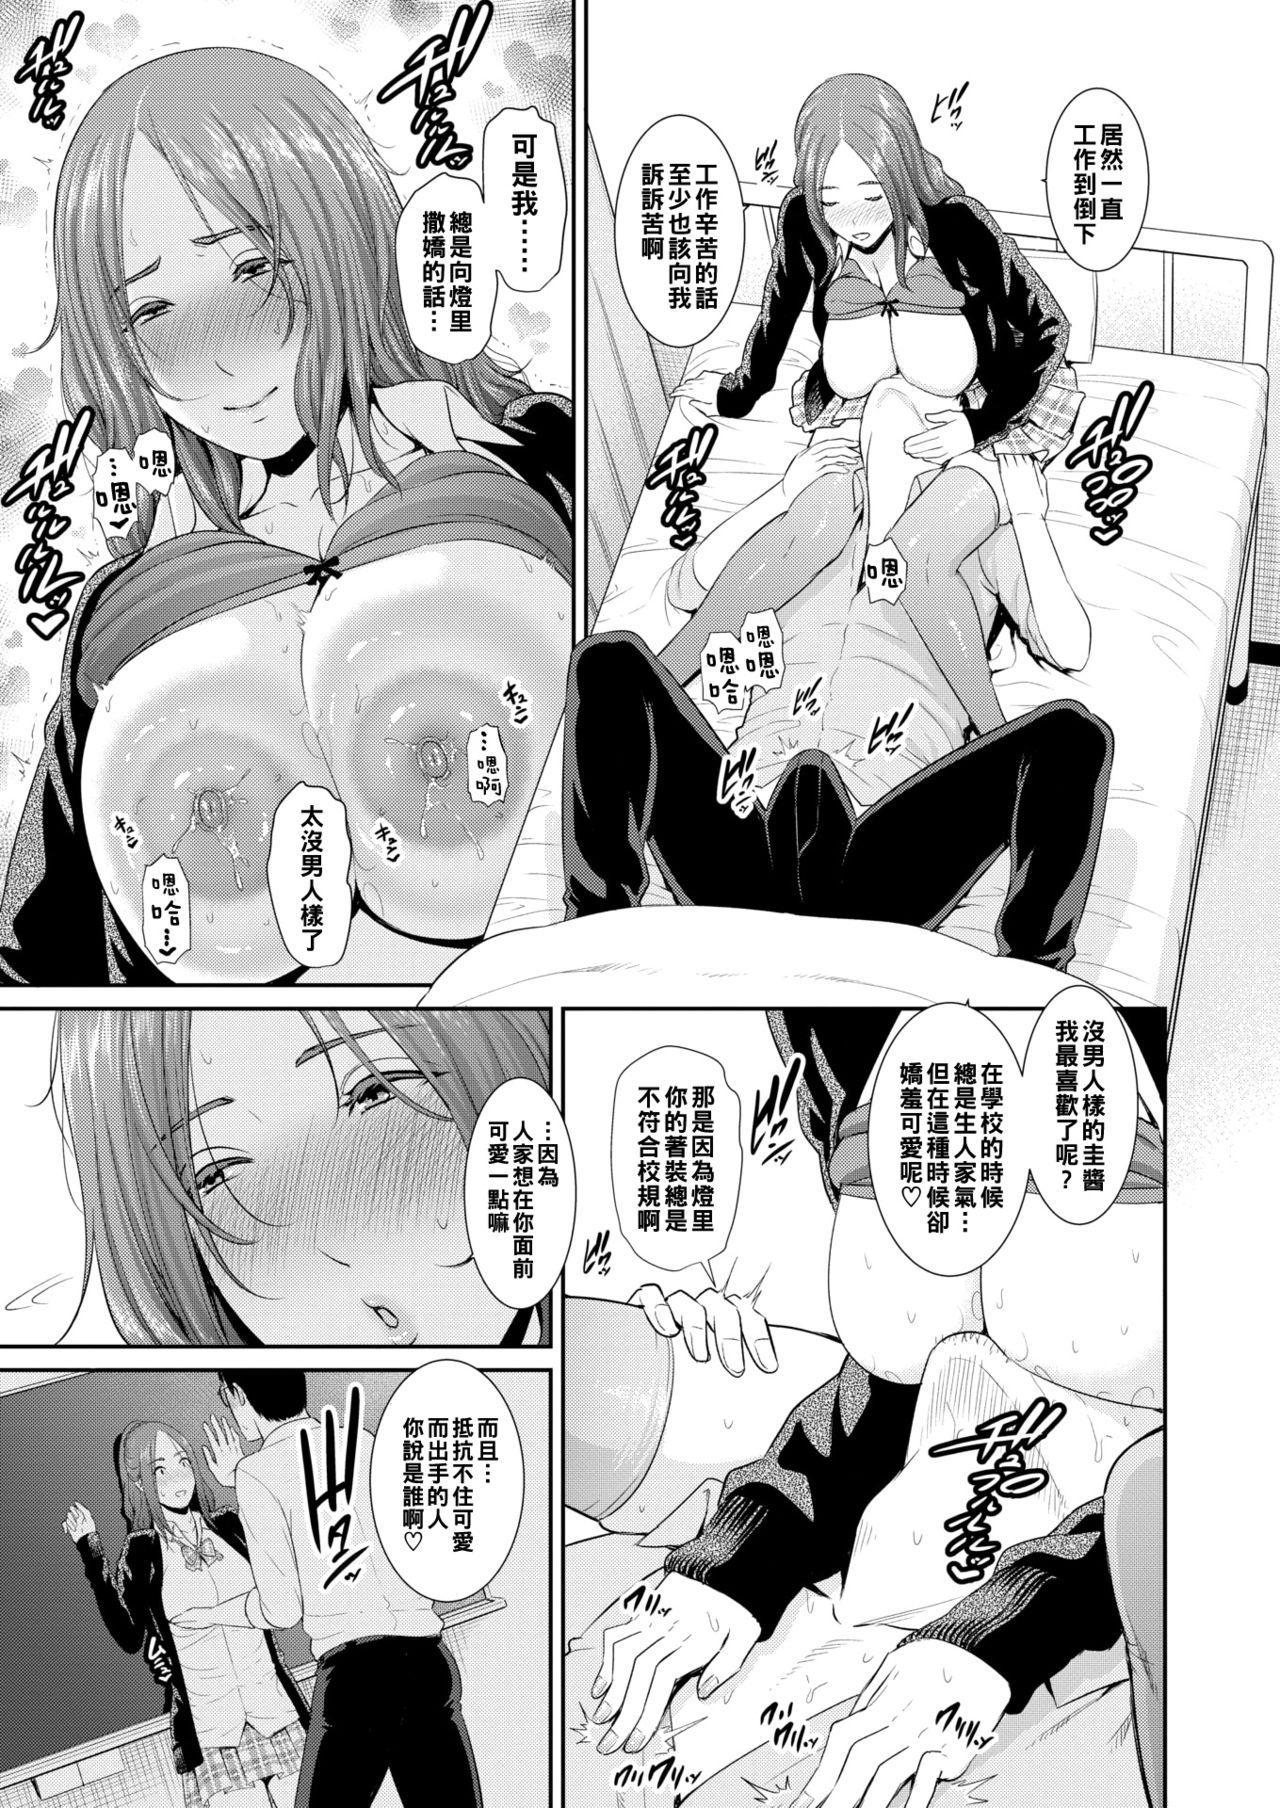 Kyuusoku wa Hokenshitsu de 6